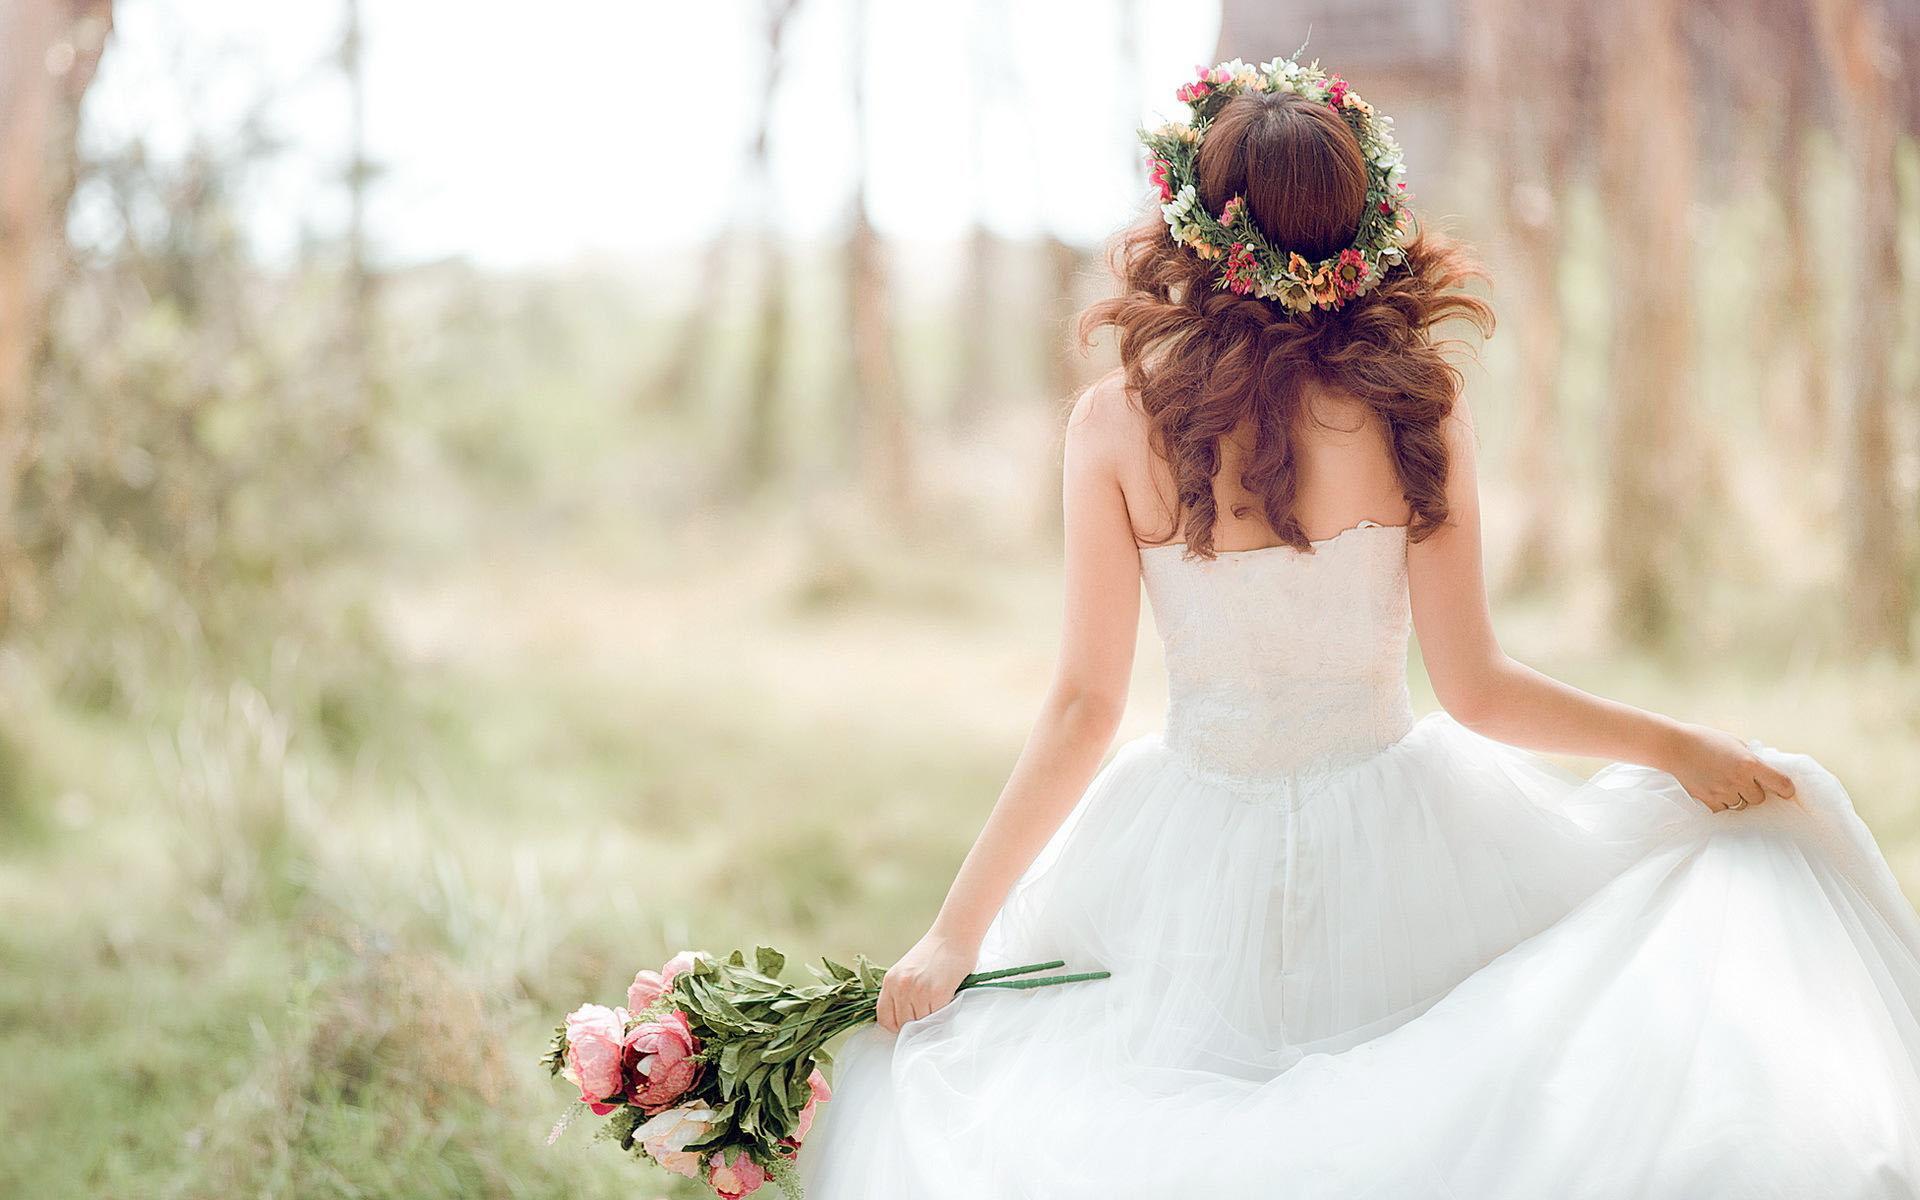 عروس - نکاتی مهم برای انتخاب سالن آرایش عروس و زیبایی